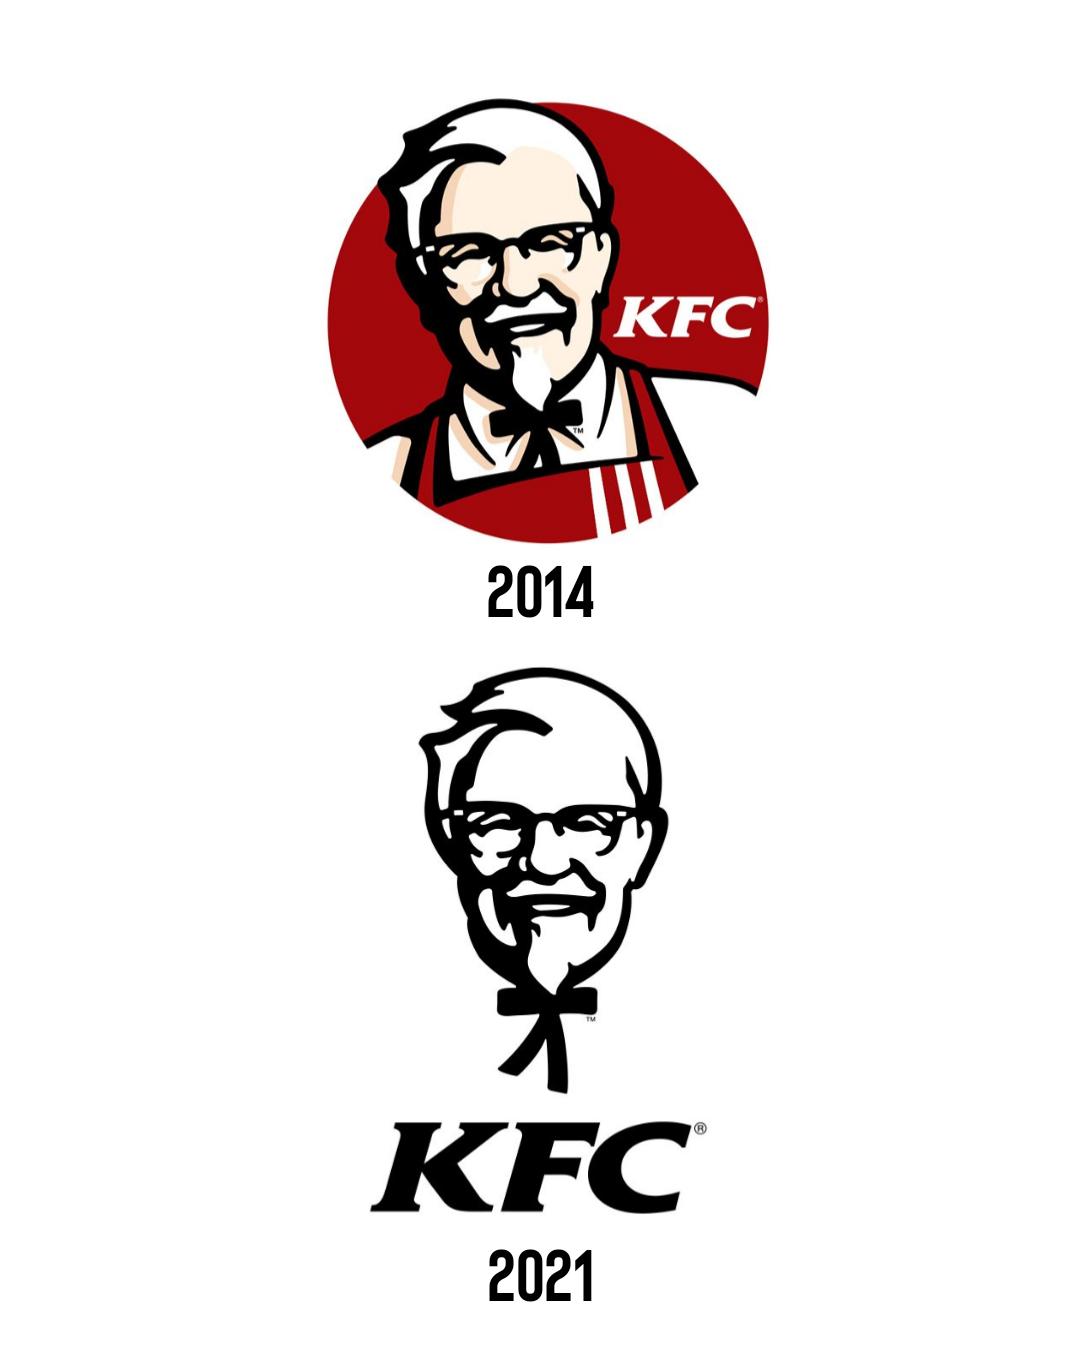 أخطاء تصميم الشعار